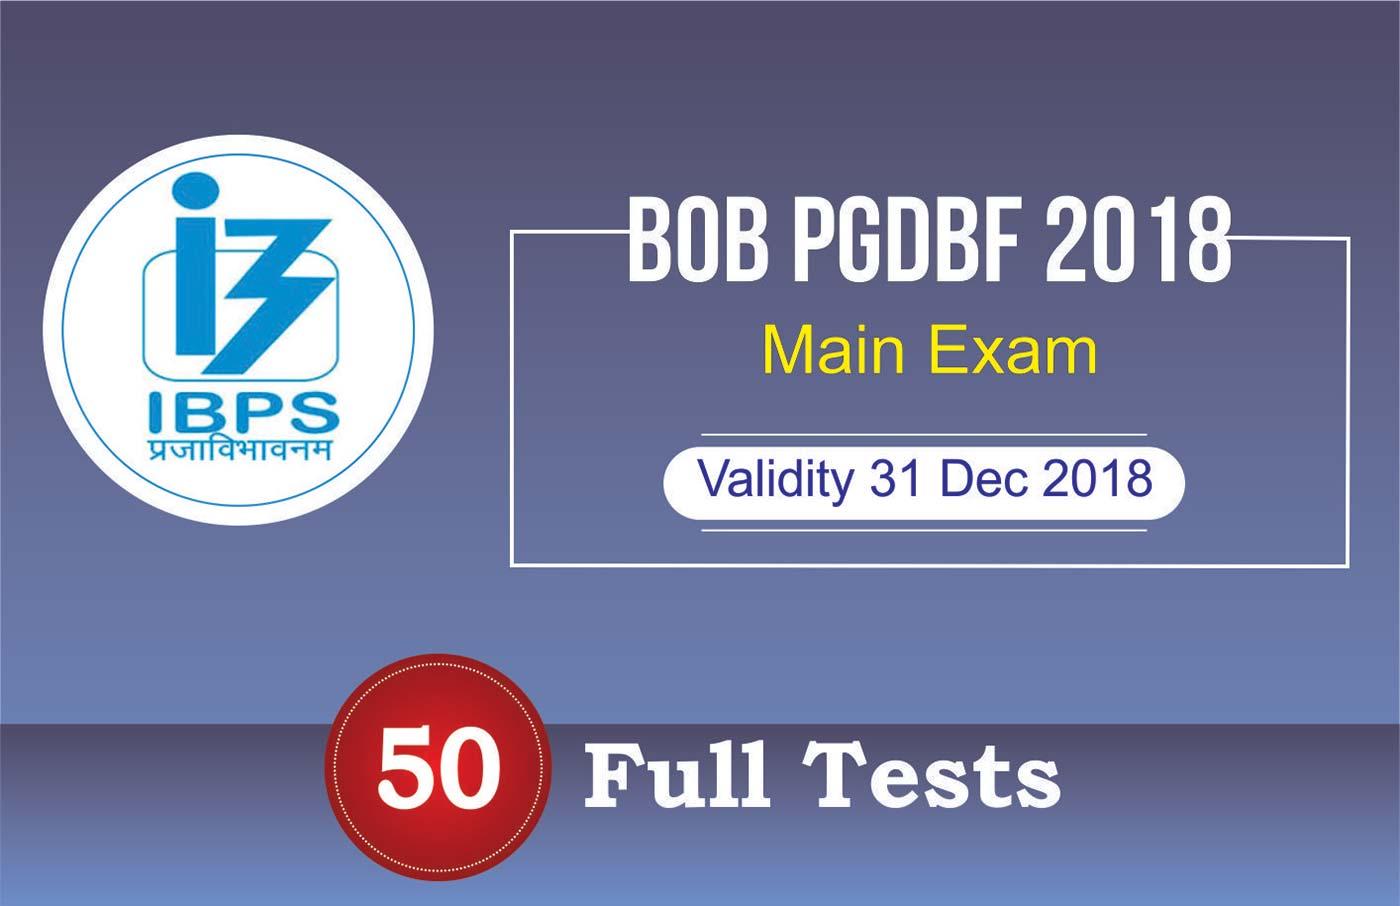 BOB PGDBF 2018